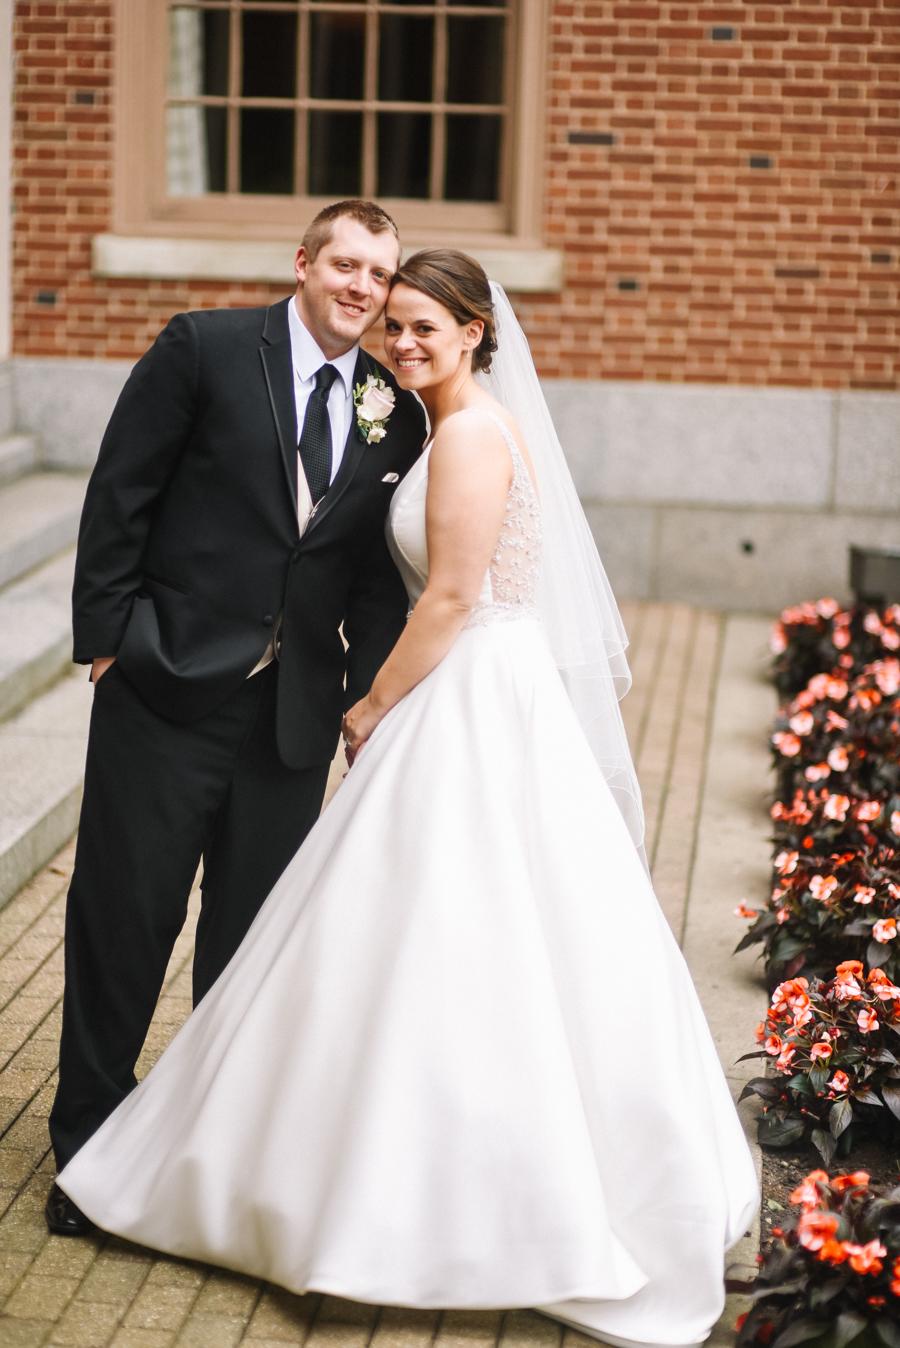 Dearborn_Inn_Wedding_Photos-65.jpg